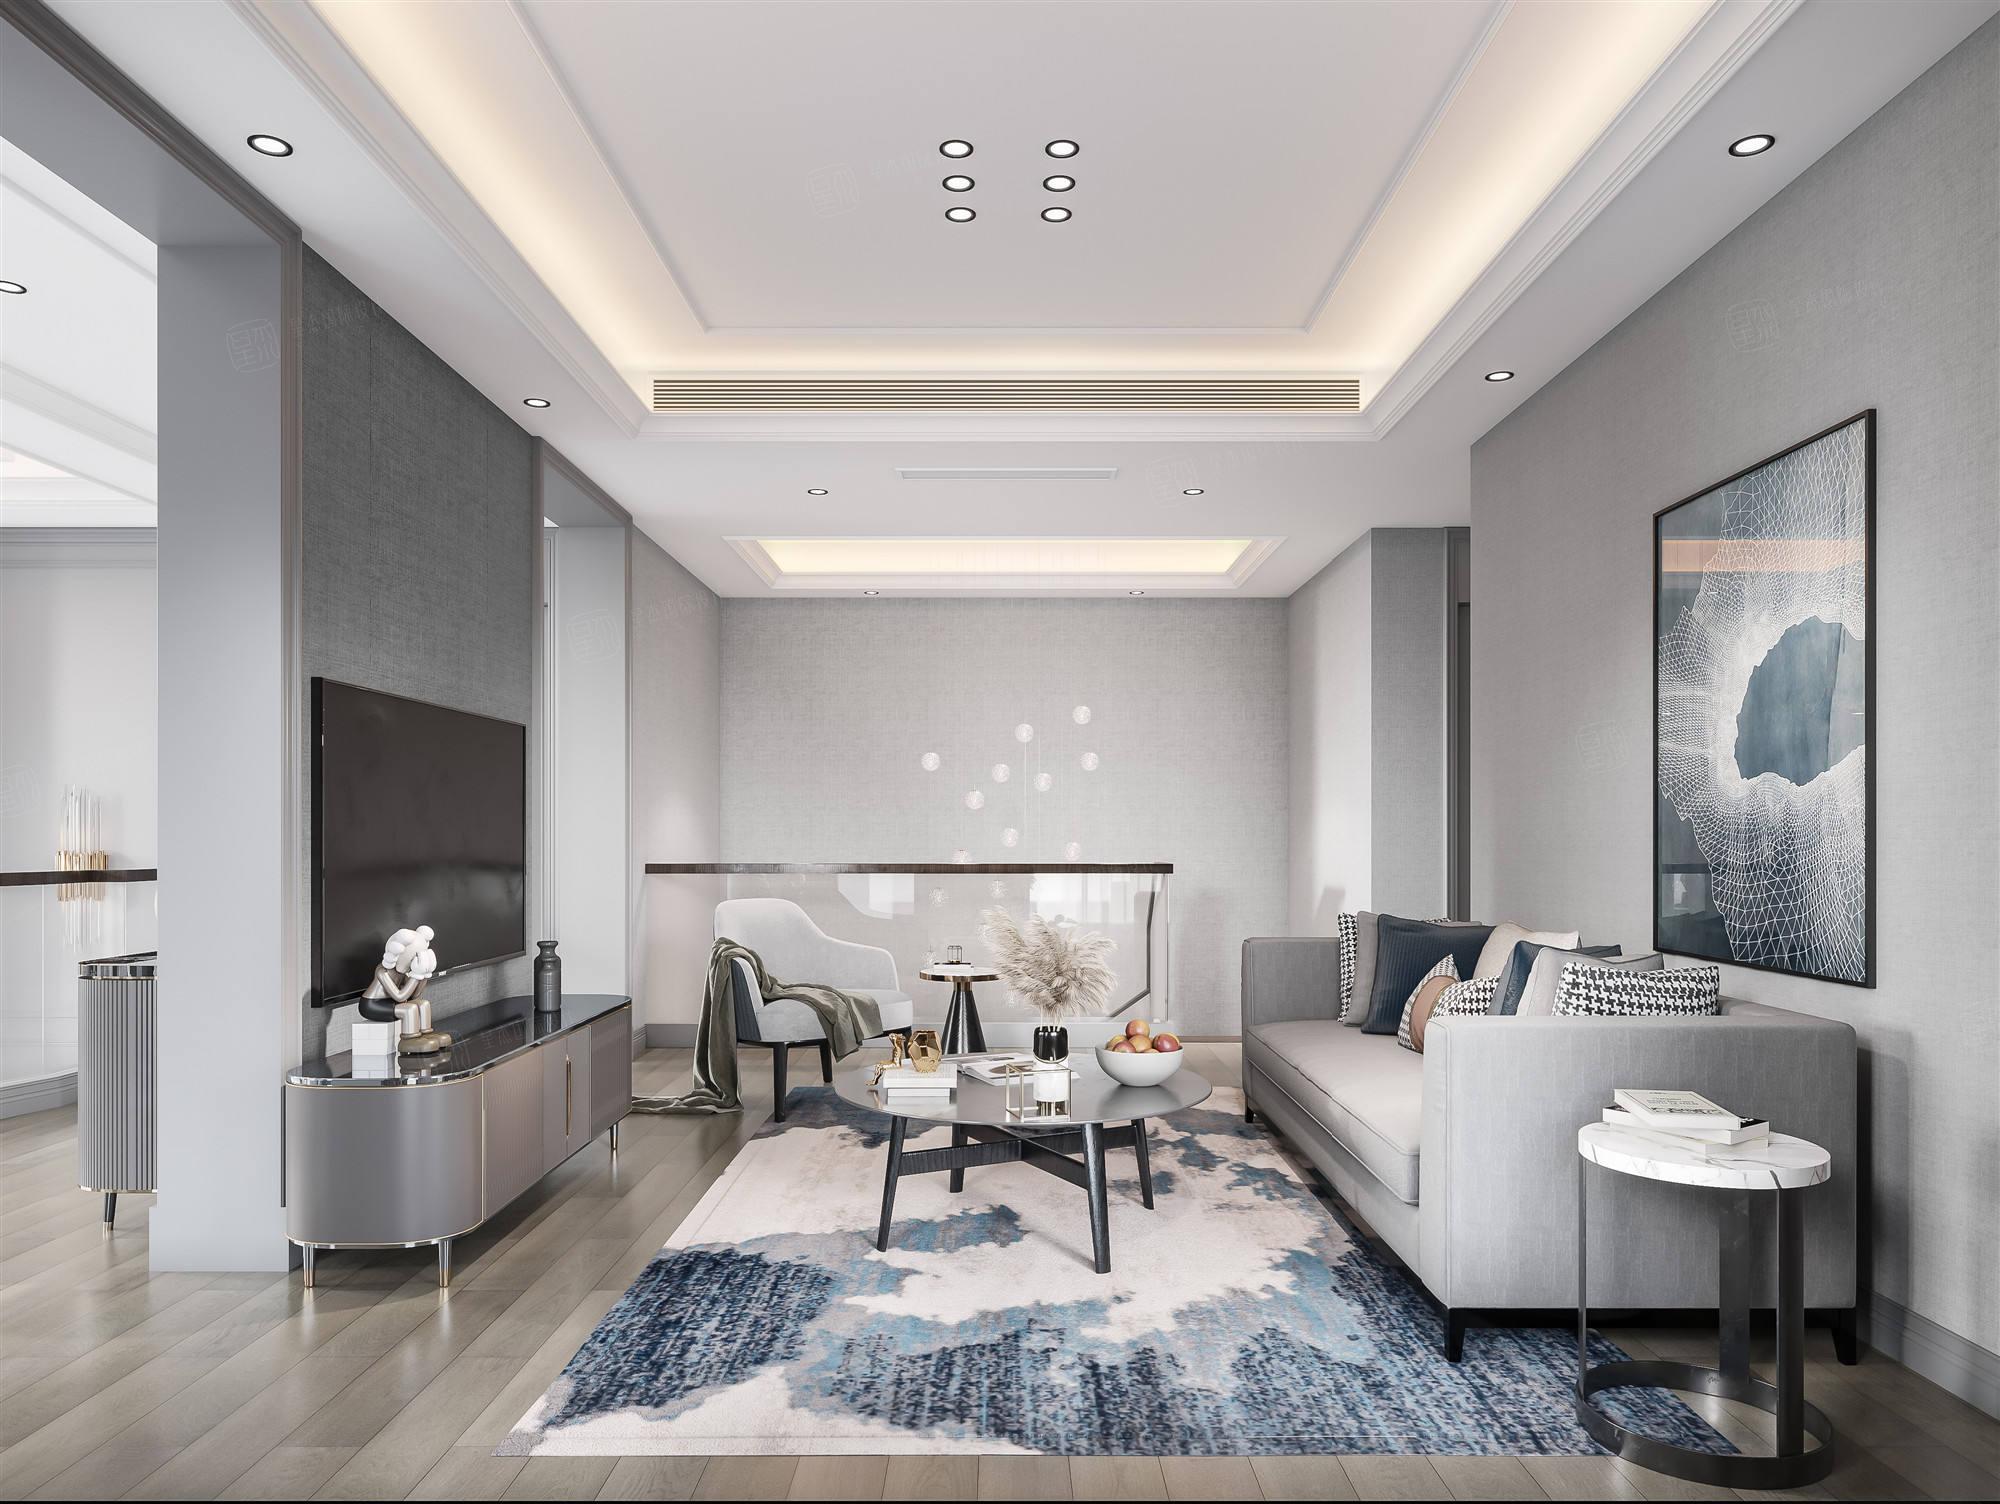 云间水庄  现代美式装修起居室效果图